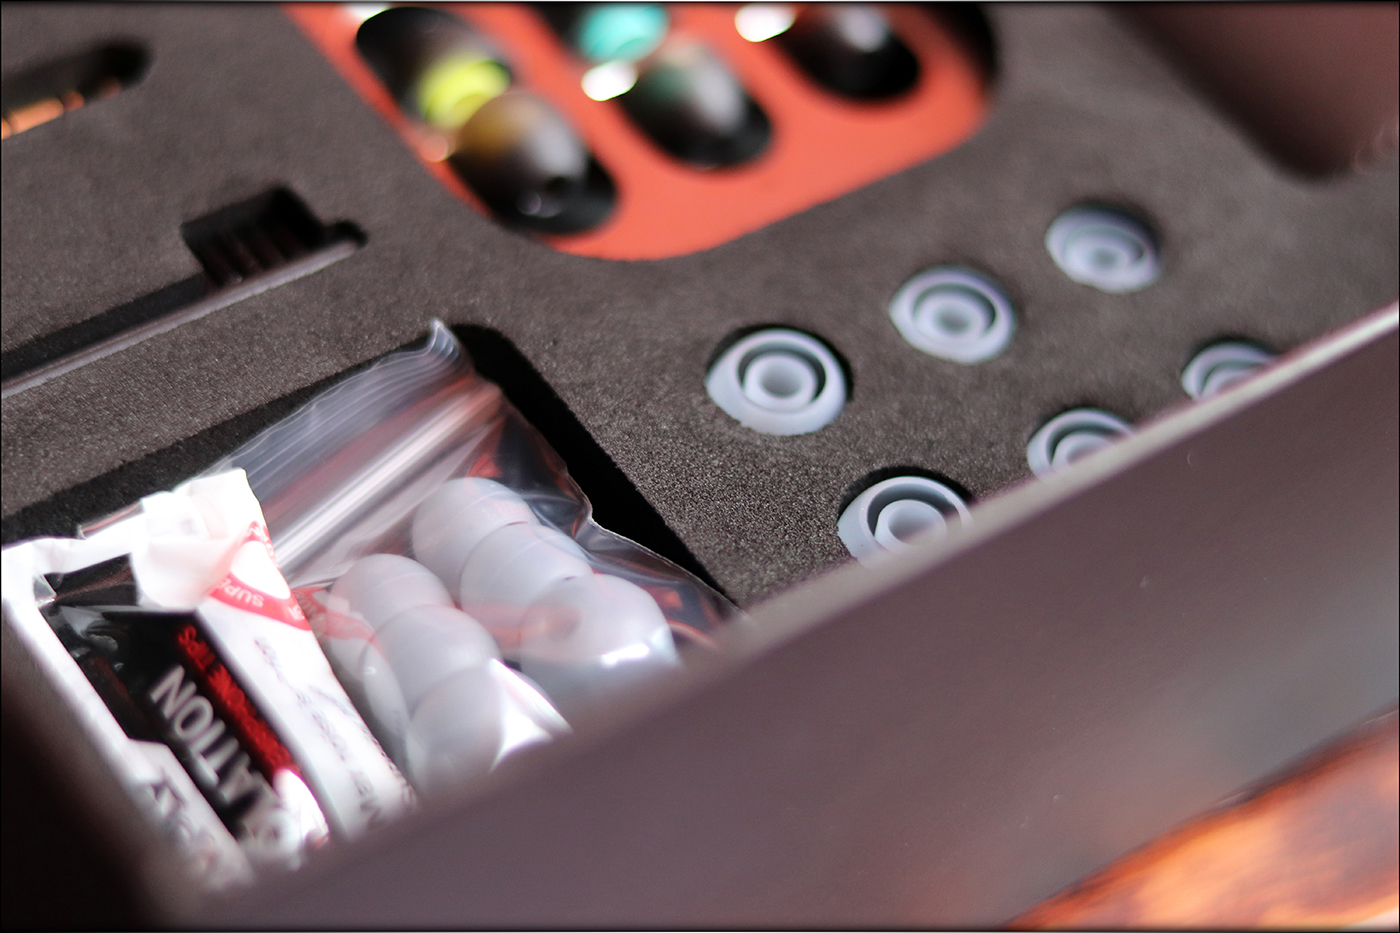 Dunu-DK-4001-Hybrid-Dynamic-BA-IEMs-Earphones-Be-Audiophile-Heaven-Review-14.jpg